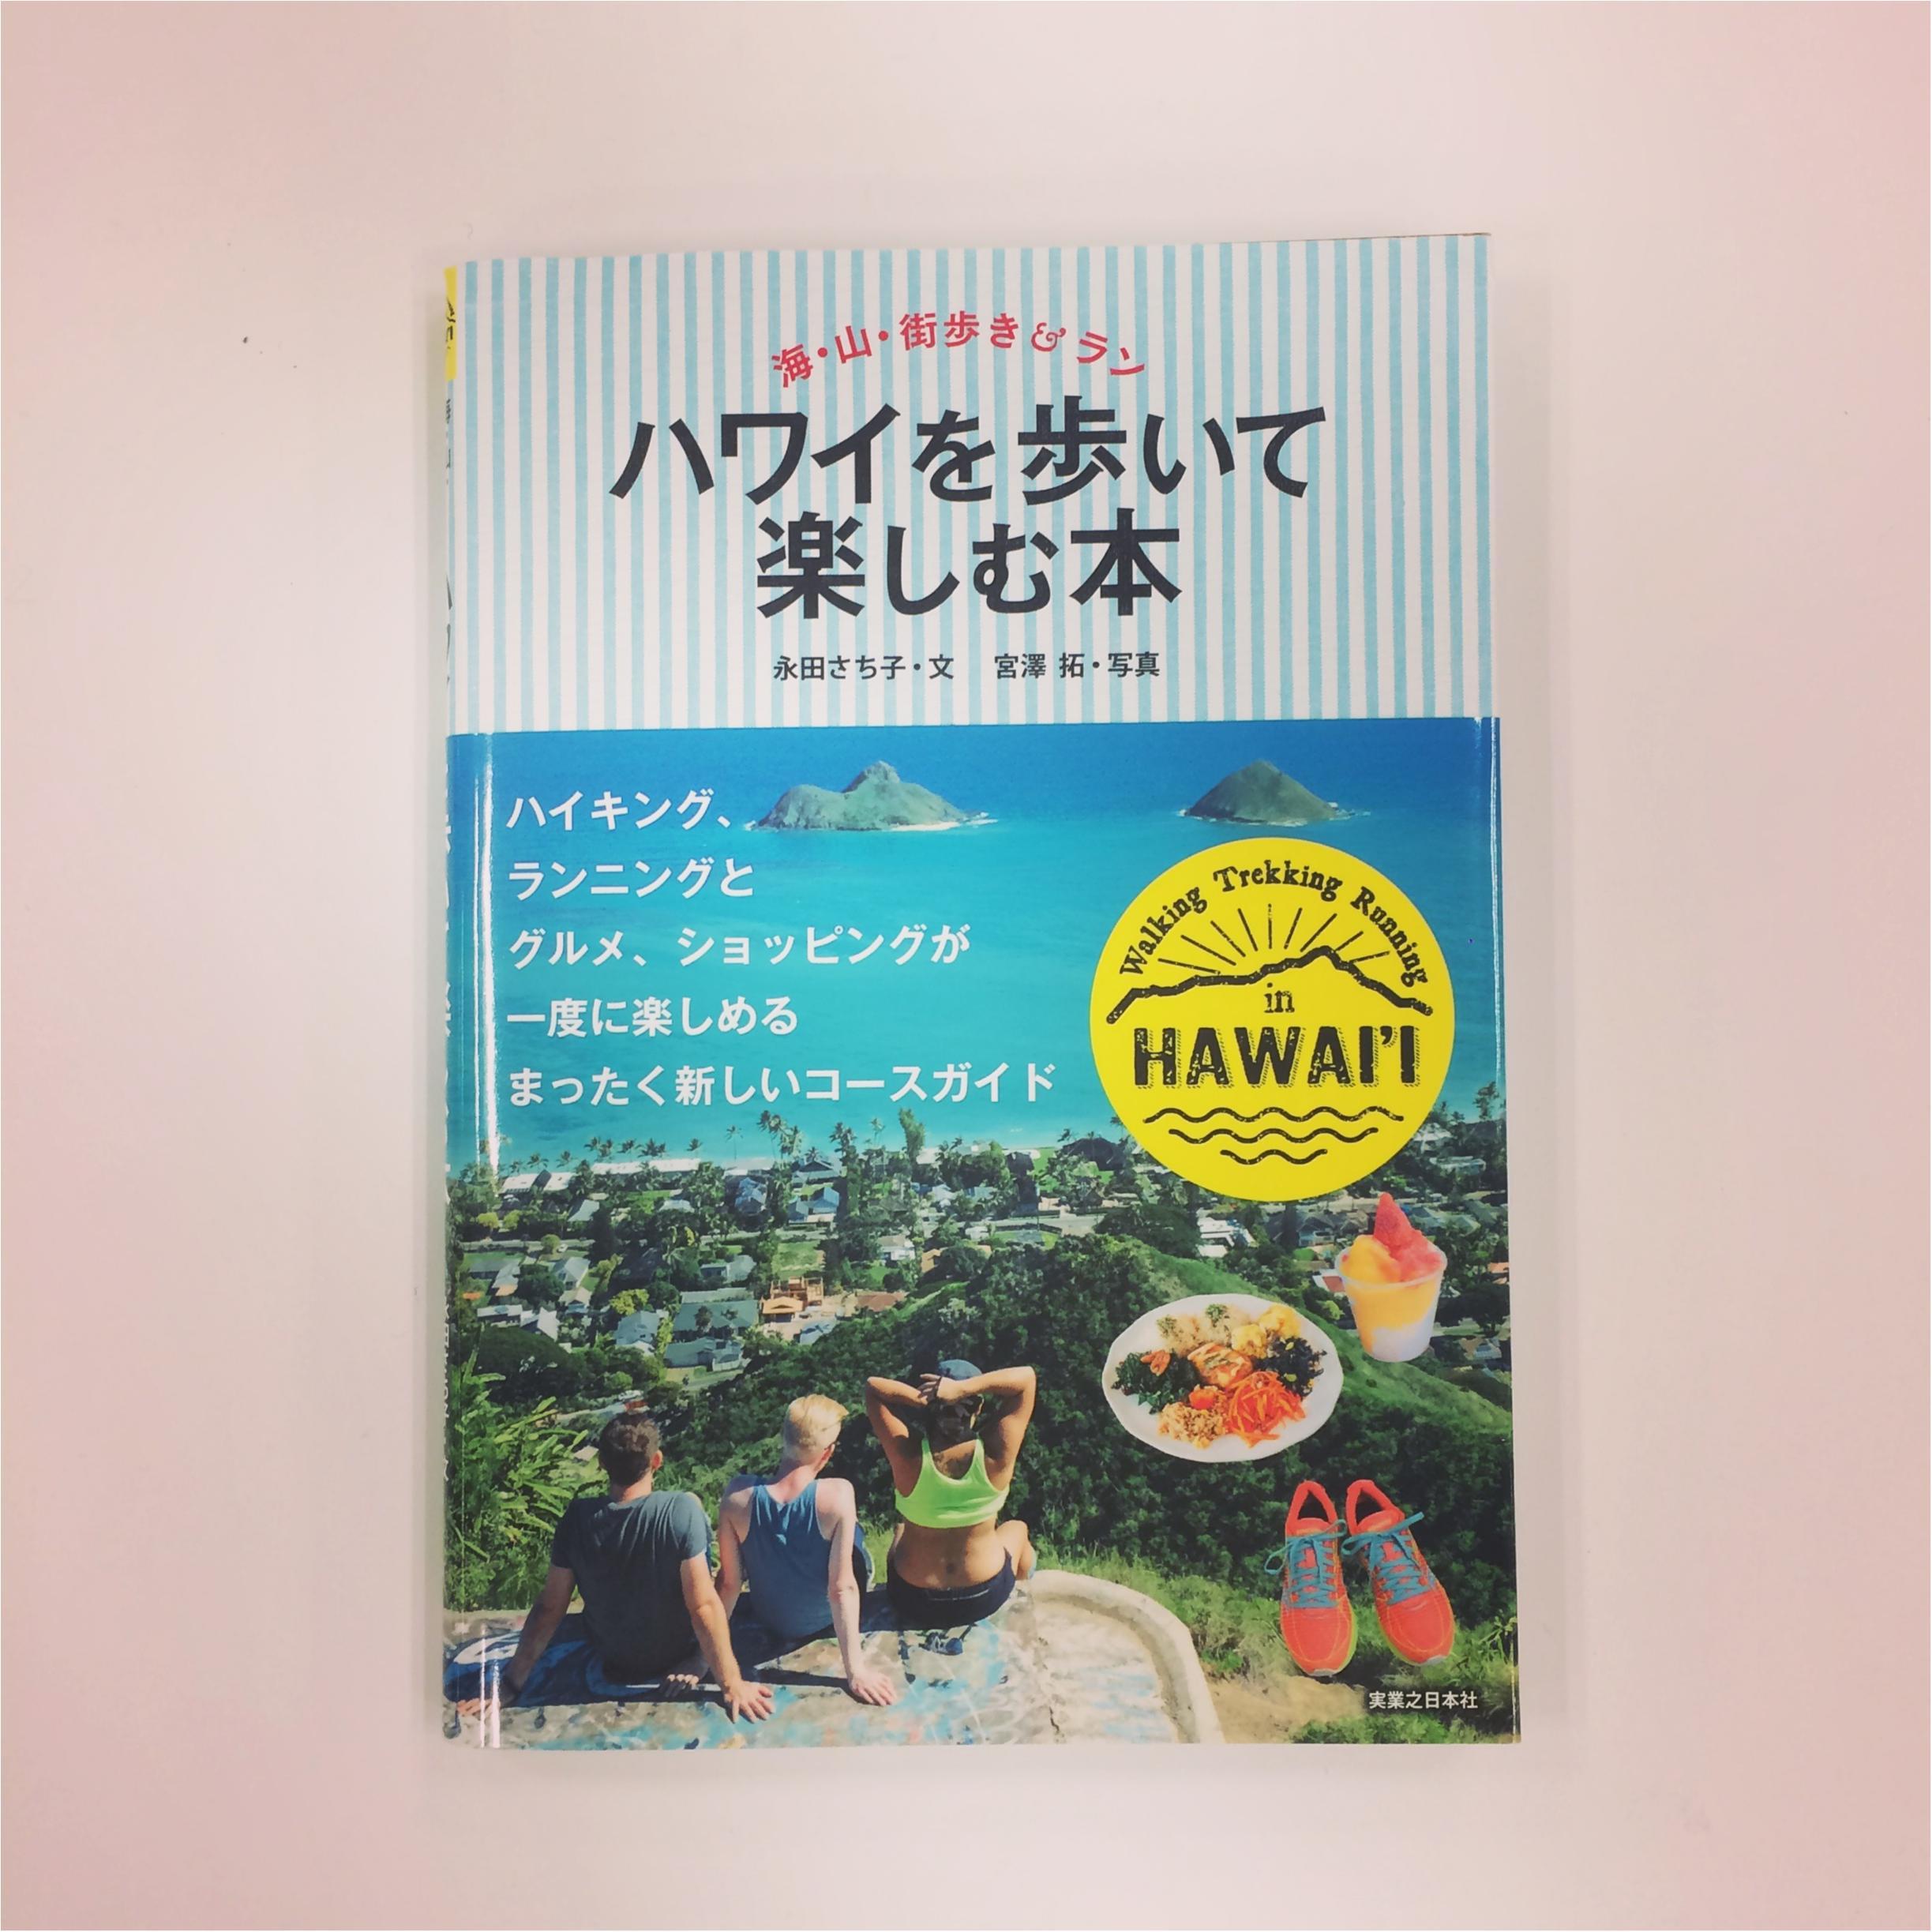 お散歩からトレッキングまで。『ハワイを歩いて楽しむ本』でいつもと違うハワイを発見!_1